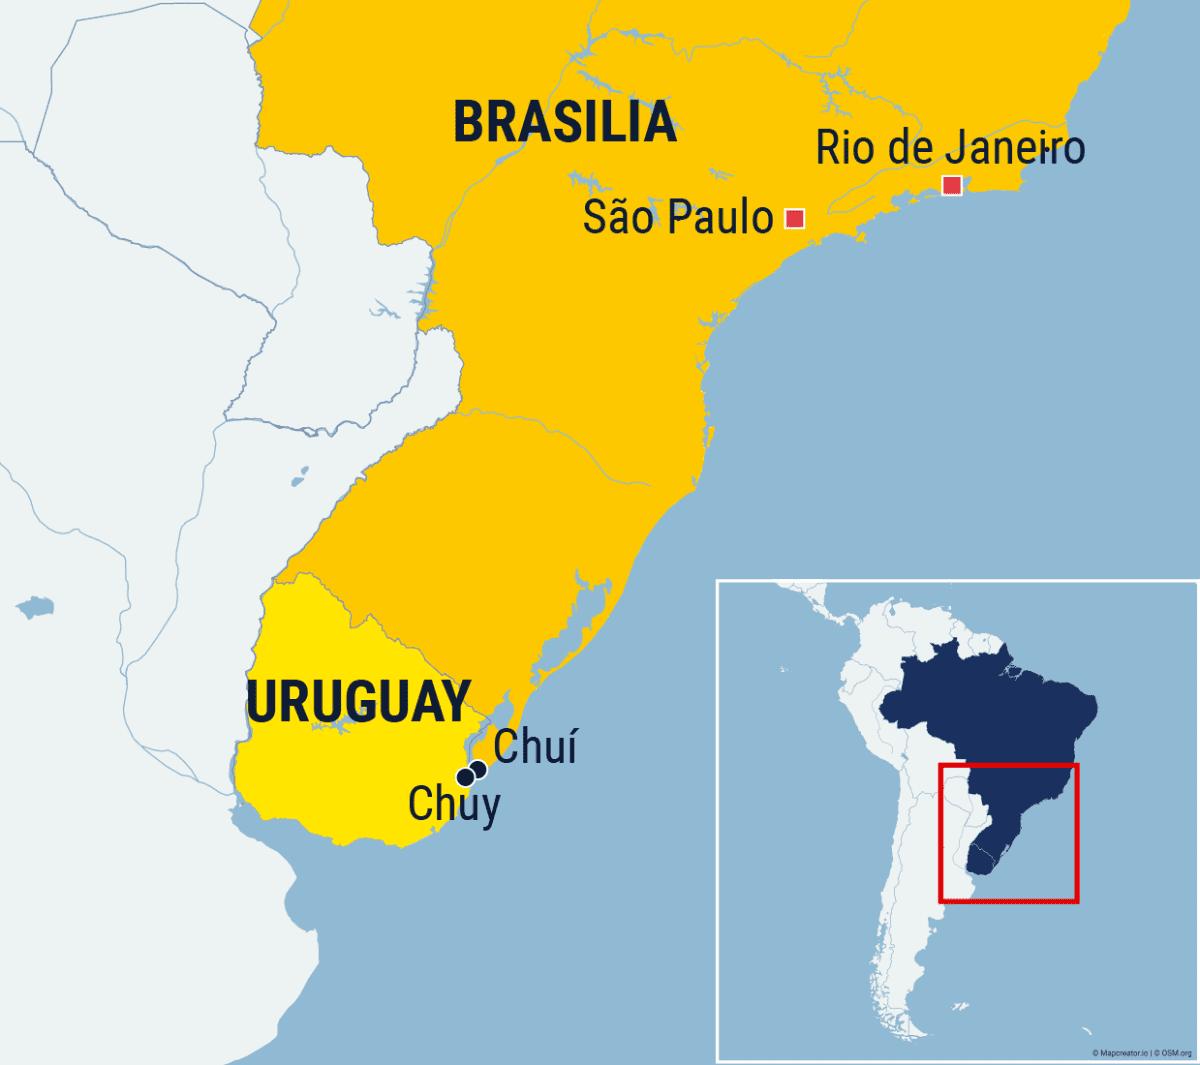 Kartta Uruguayn ja Brasilian rajakaupungeista.